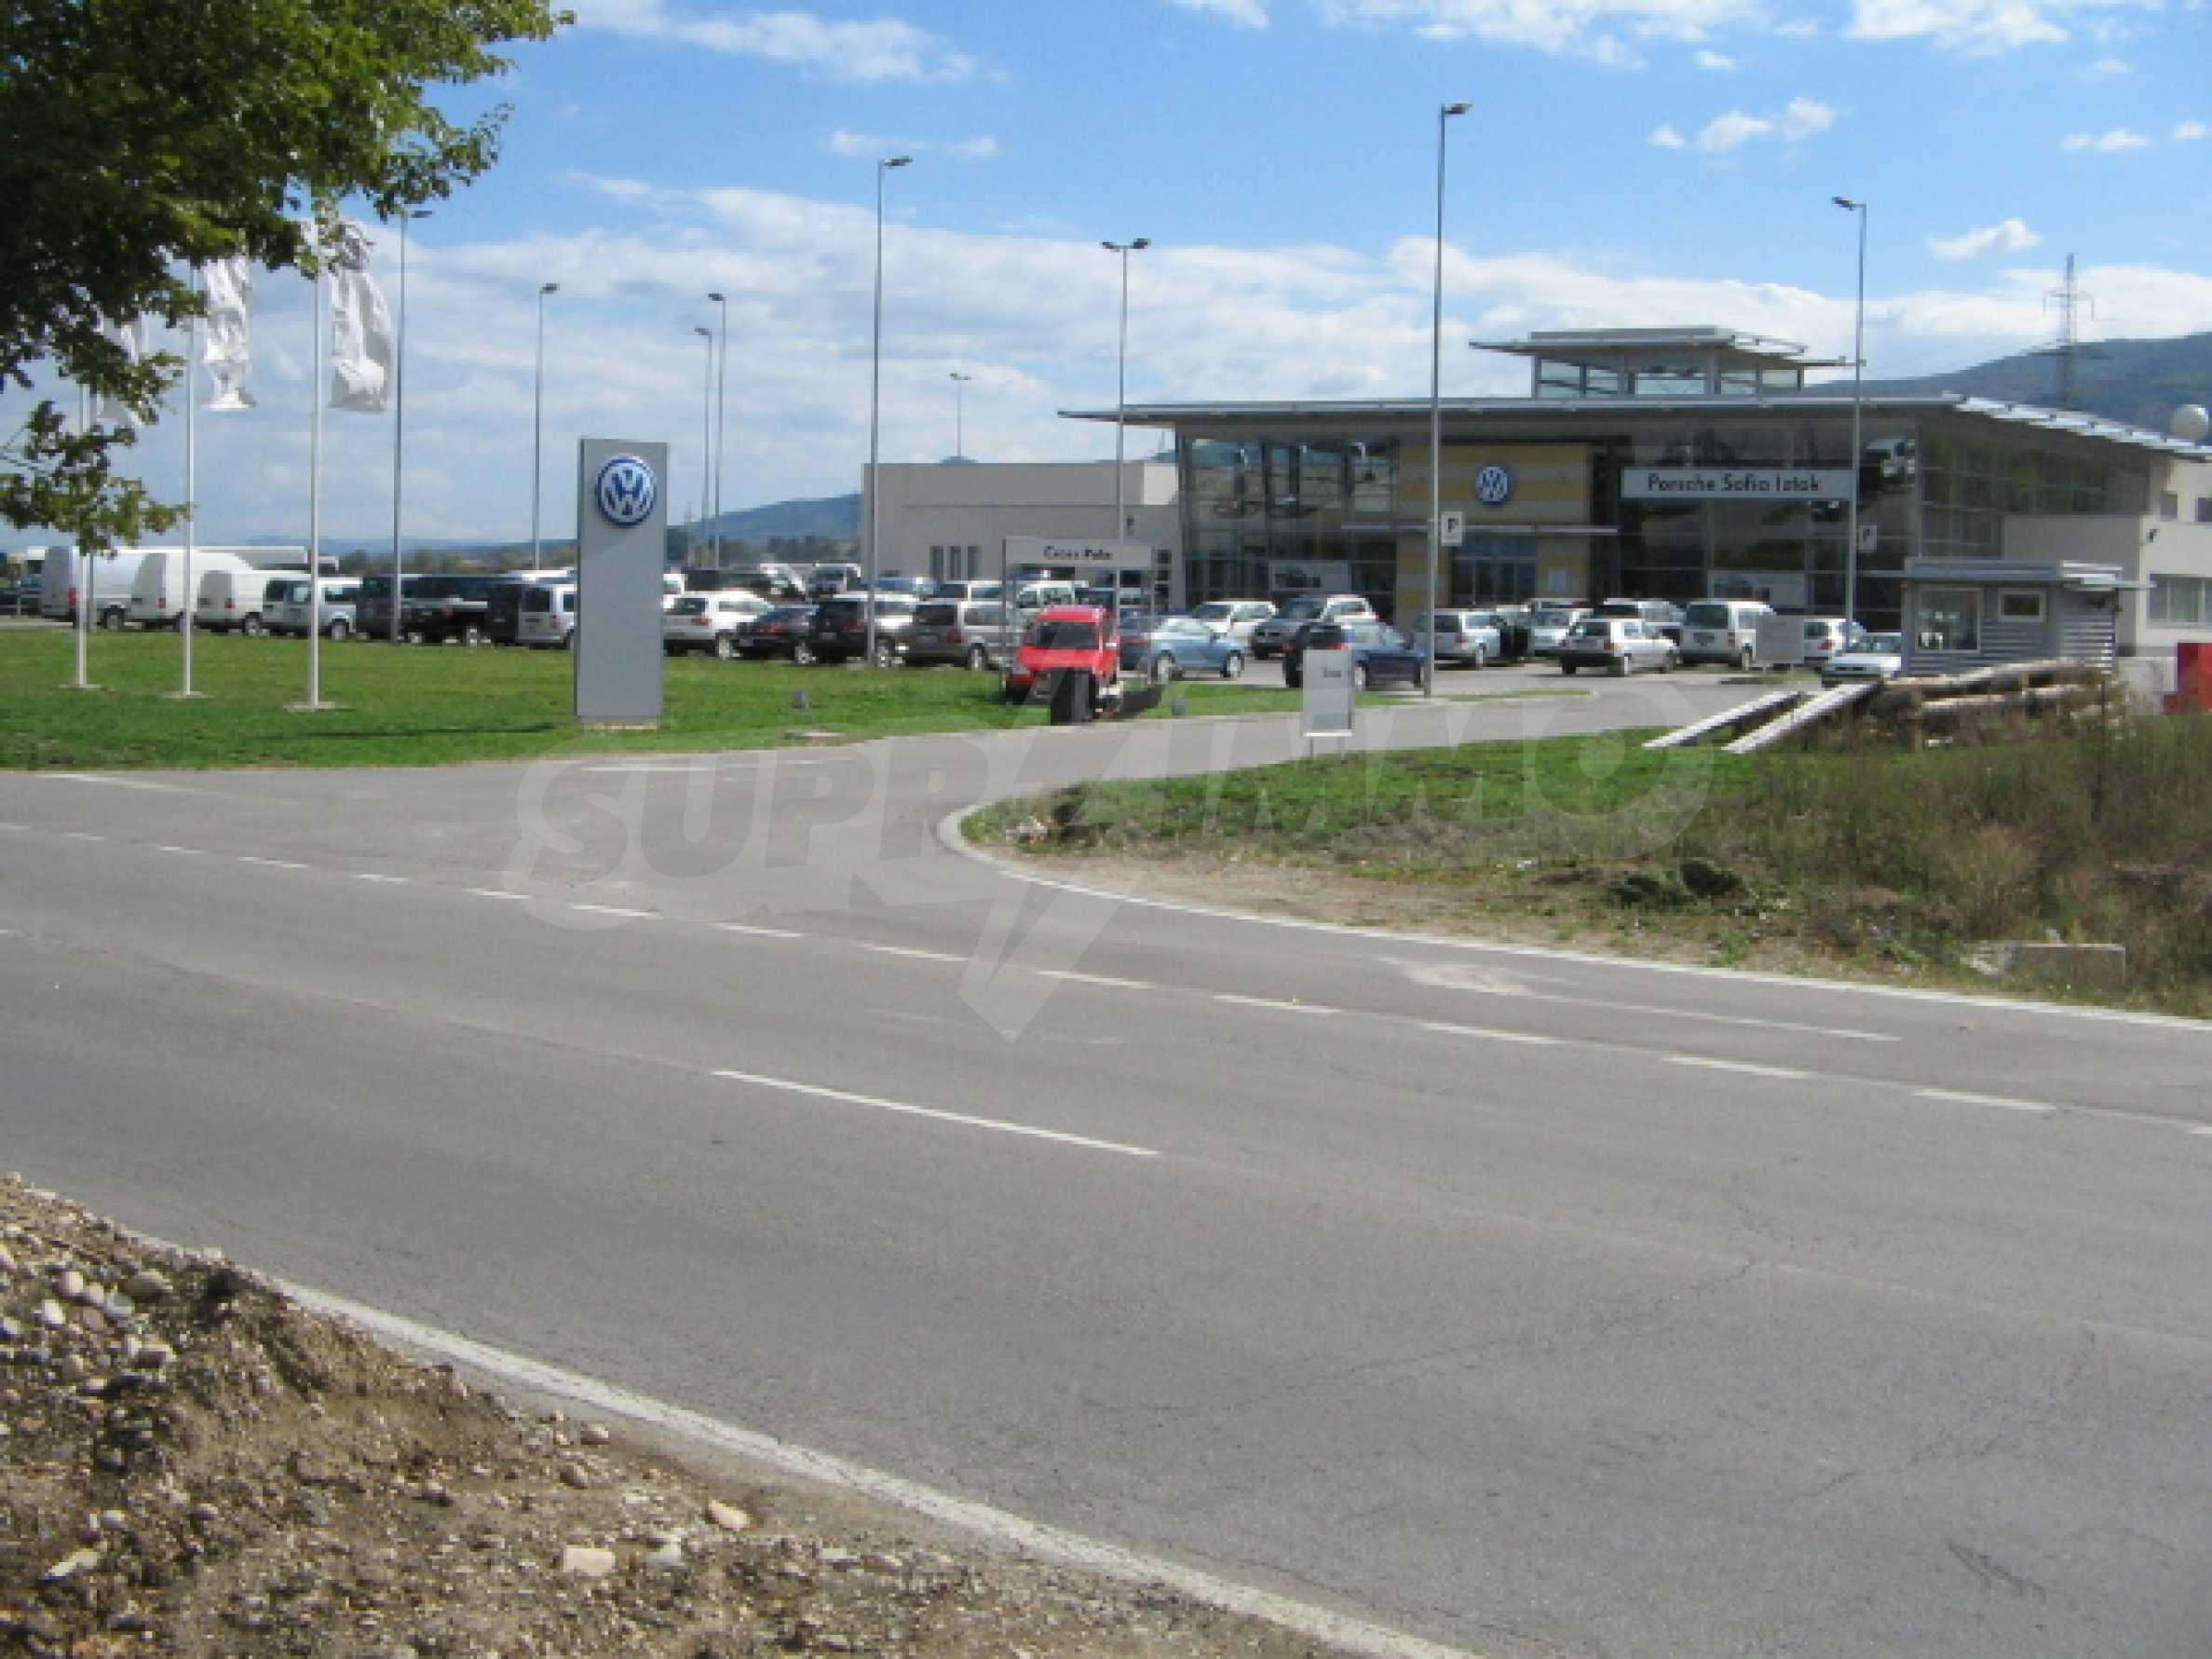 Участок на кольцевой дороге прямо напротив центра Porsche